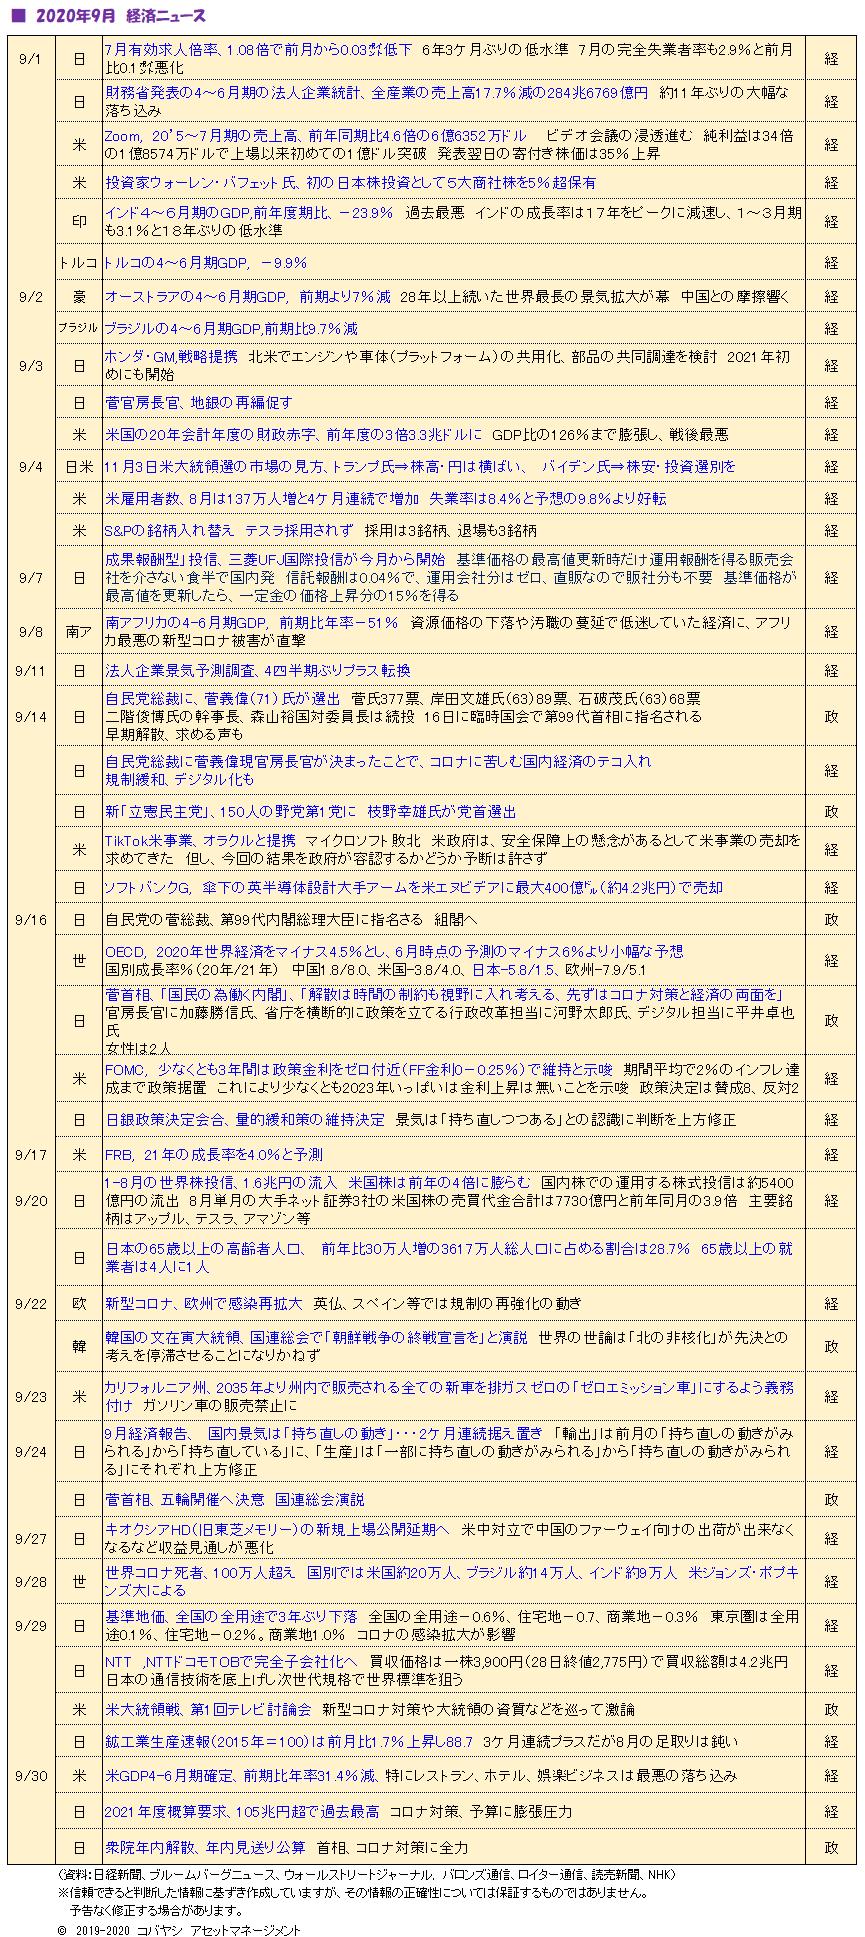 '201001_9月経済ニュース